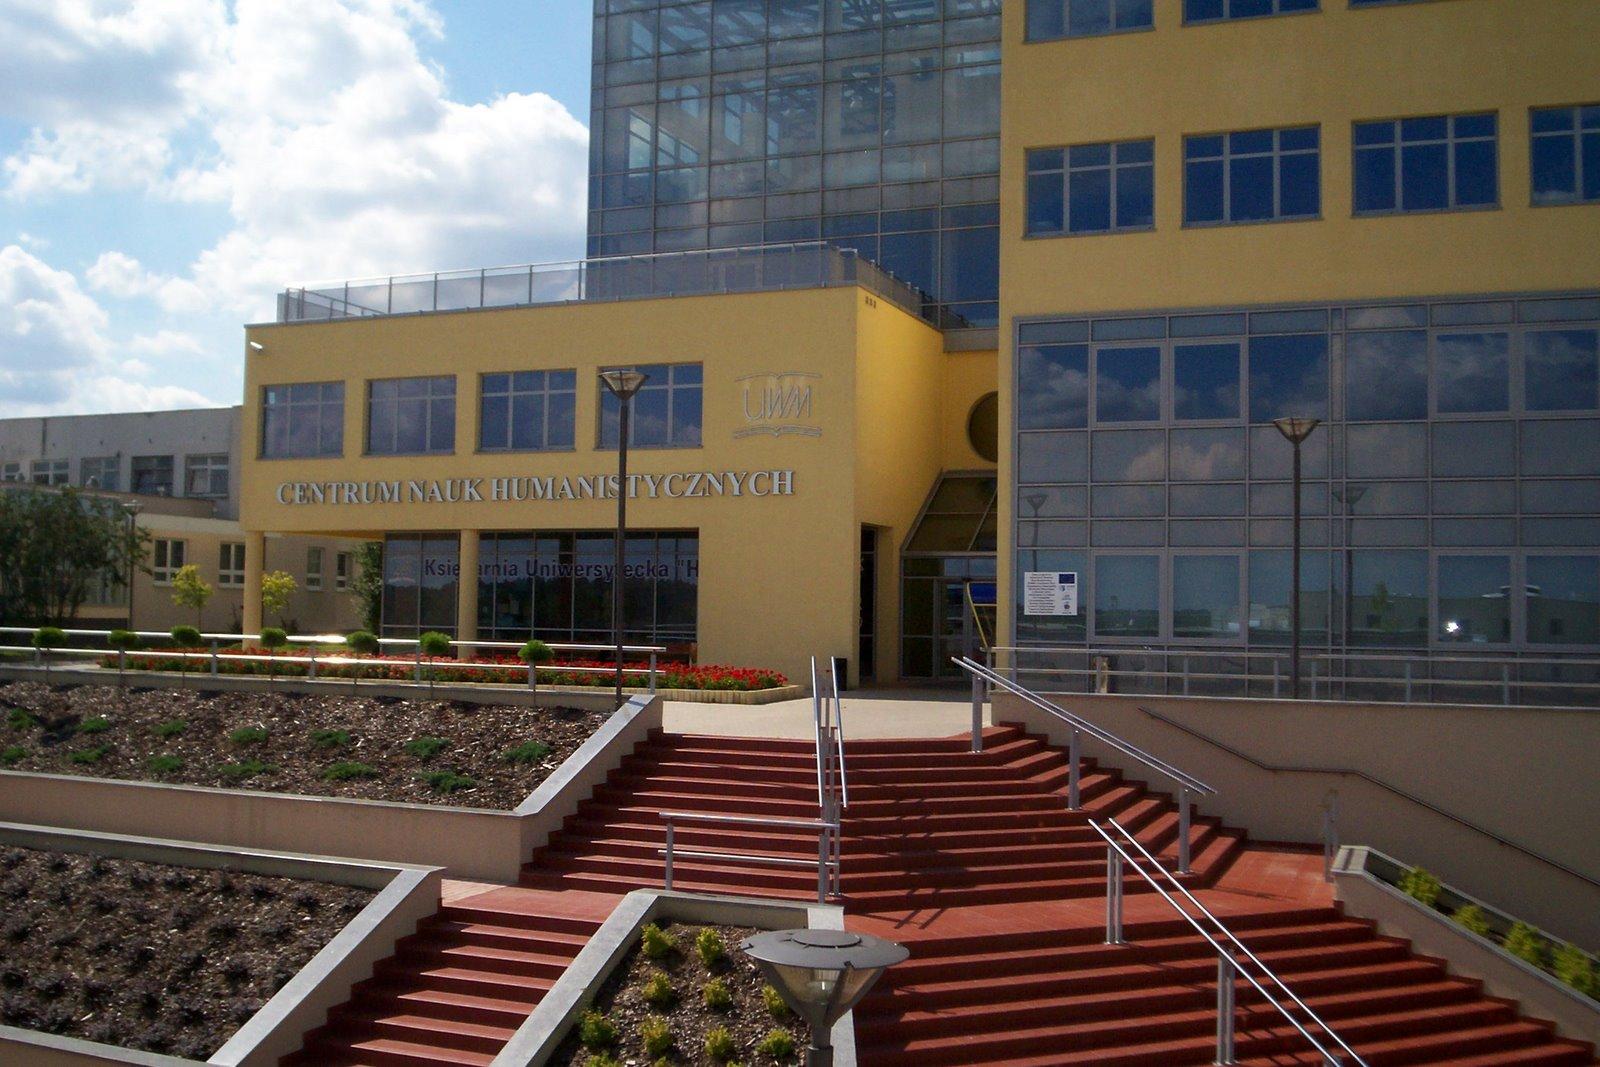 Humanistische Fakultät der UWM Olsztyn, Foto: Serdelll, CC BY 3.0